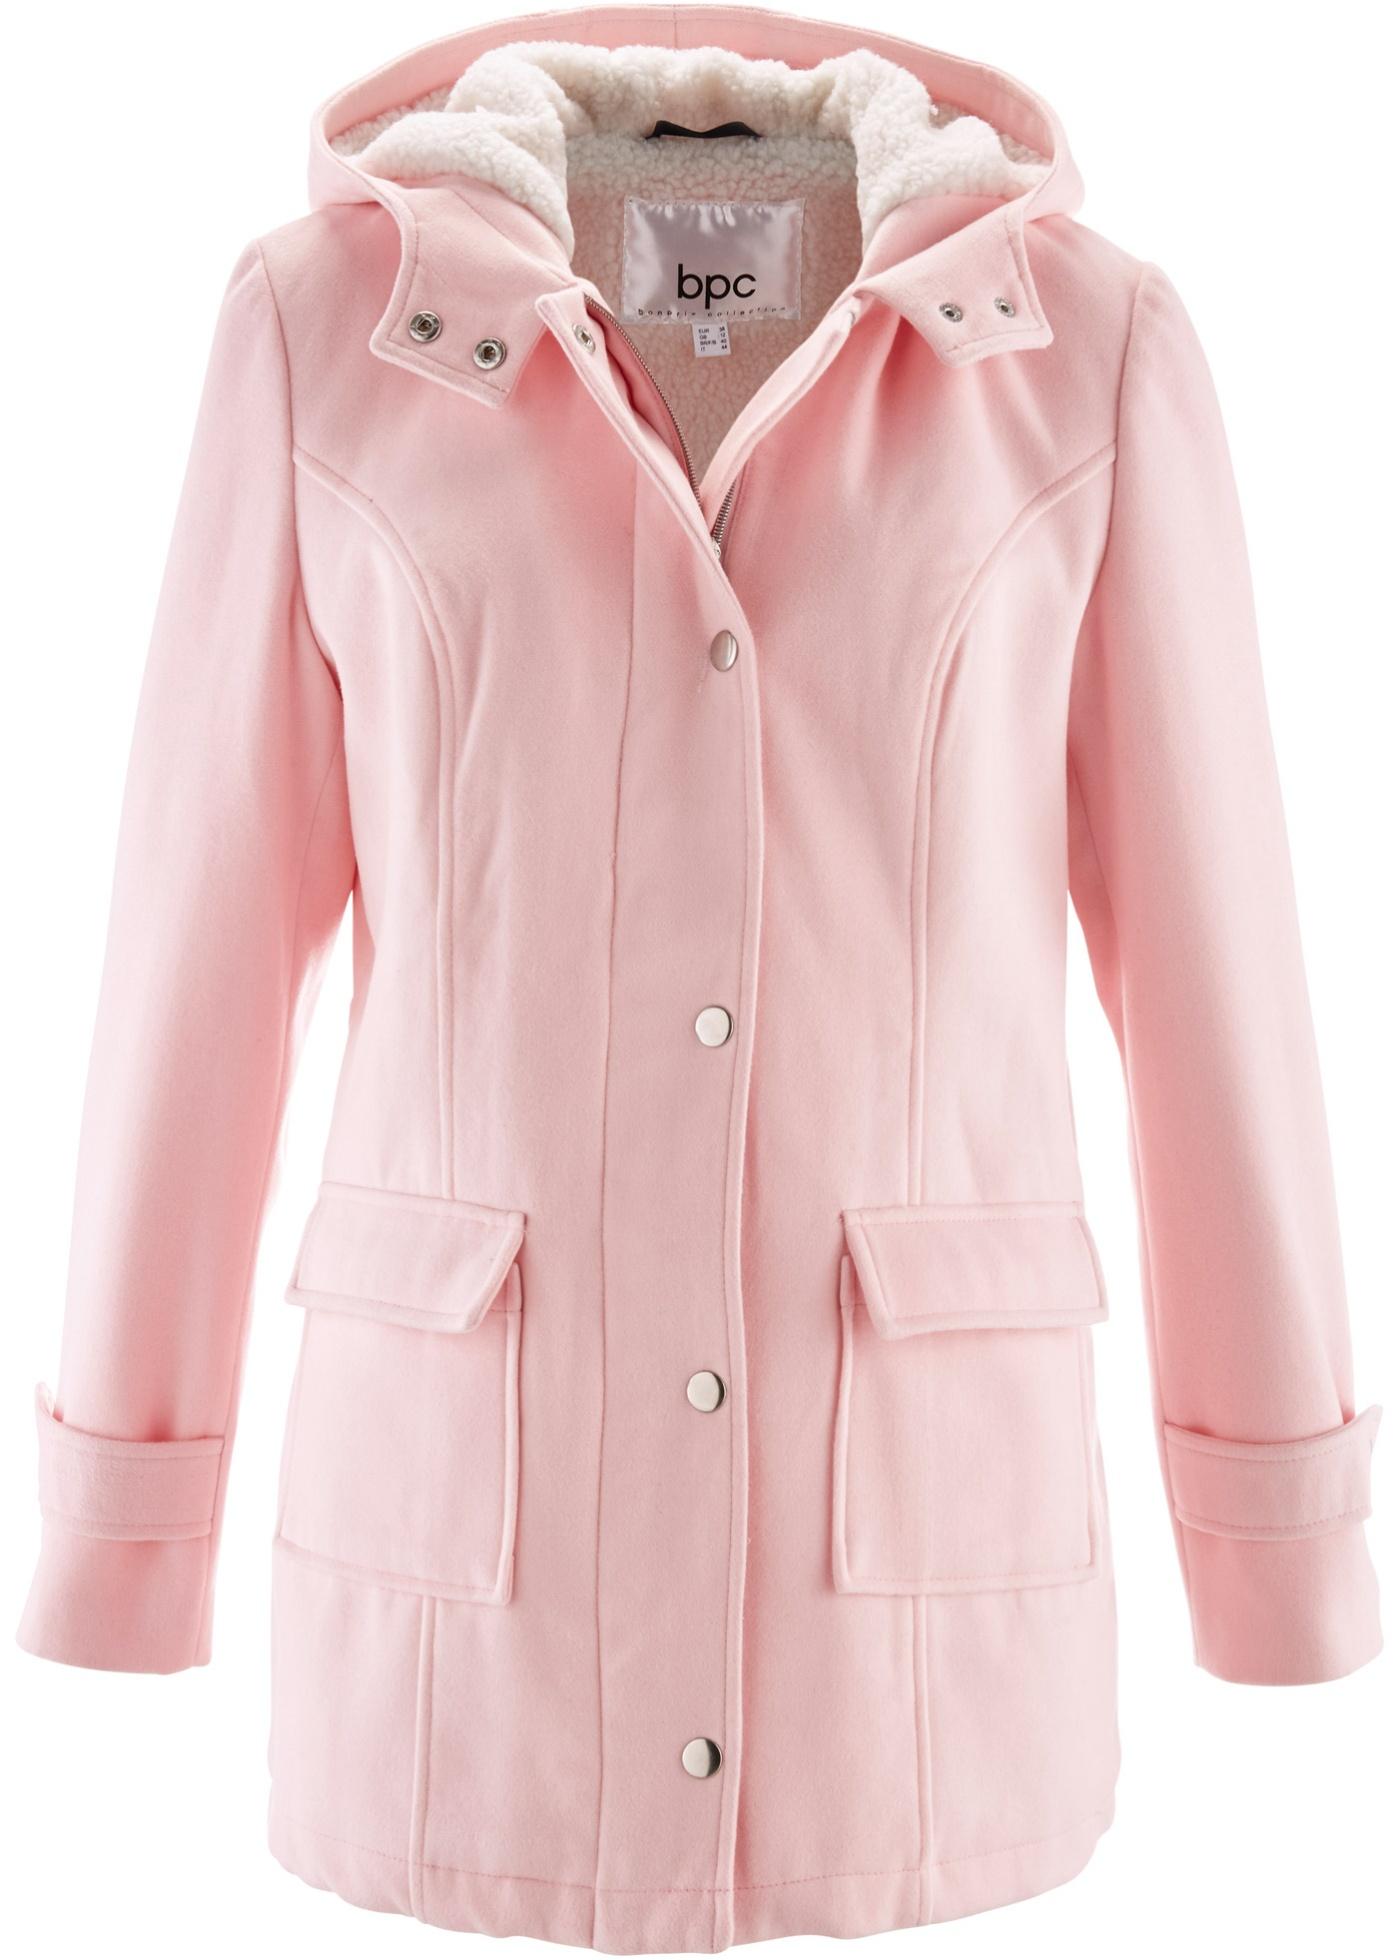 bpc bonprix collection Jacke mit Teddyfutter langarm  in rosa für Damen von bonprix